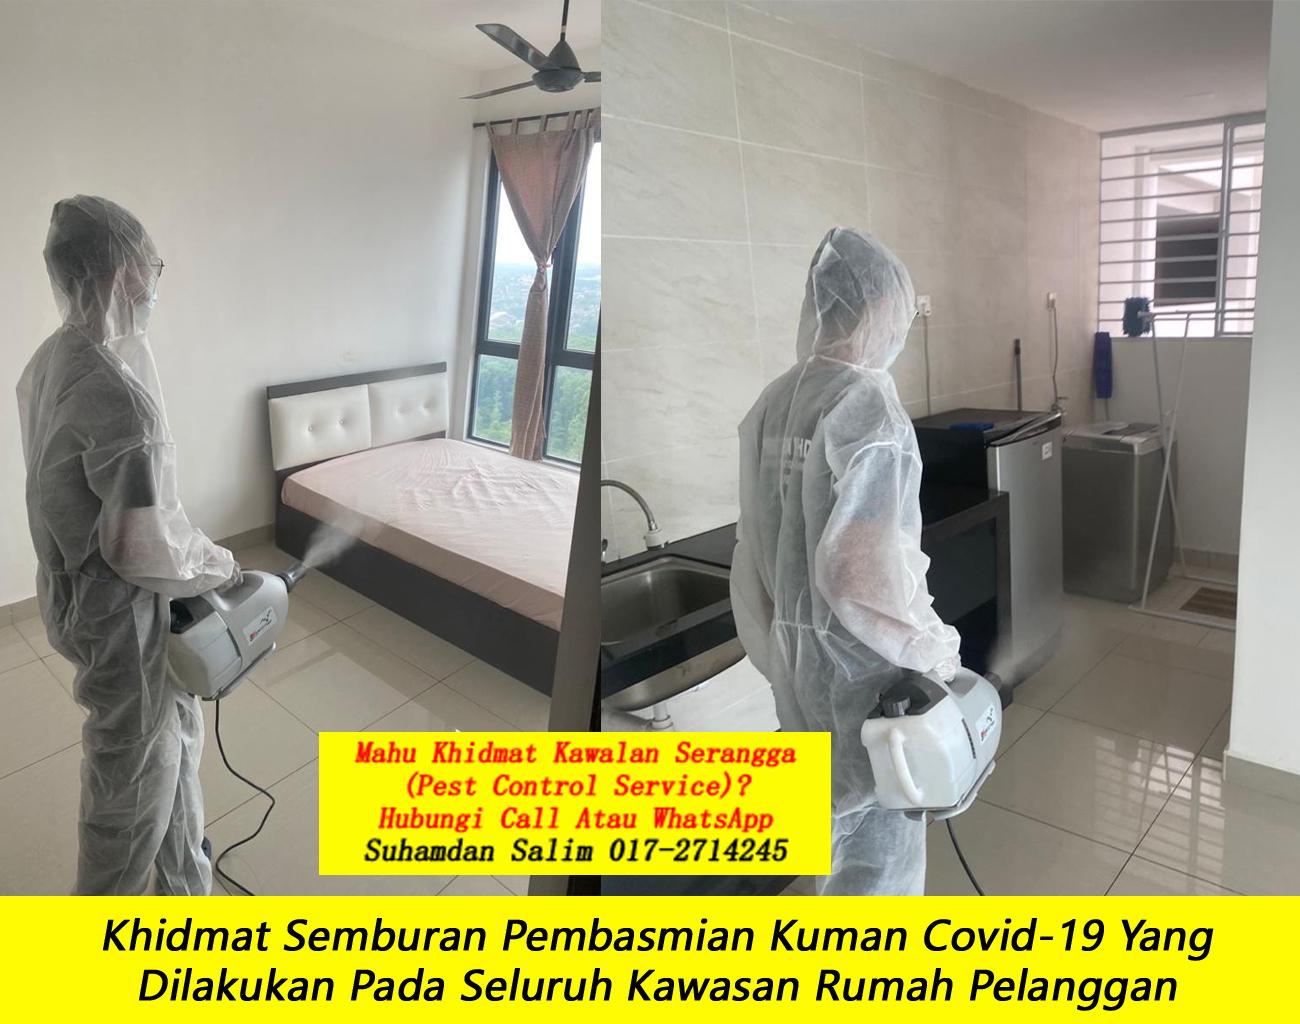 khidmat sanitizing membasmi kuman Covid-19 Disinfection Service semburan membasmi kuman covid 19 paling berkesan dengan harga berpatutan the best service covid-19 segamat felda